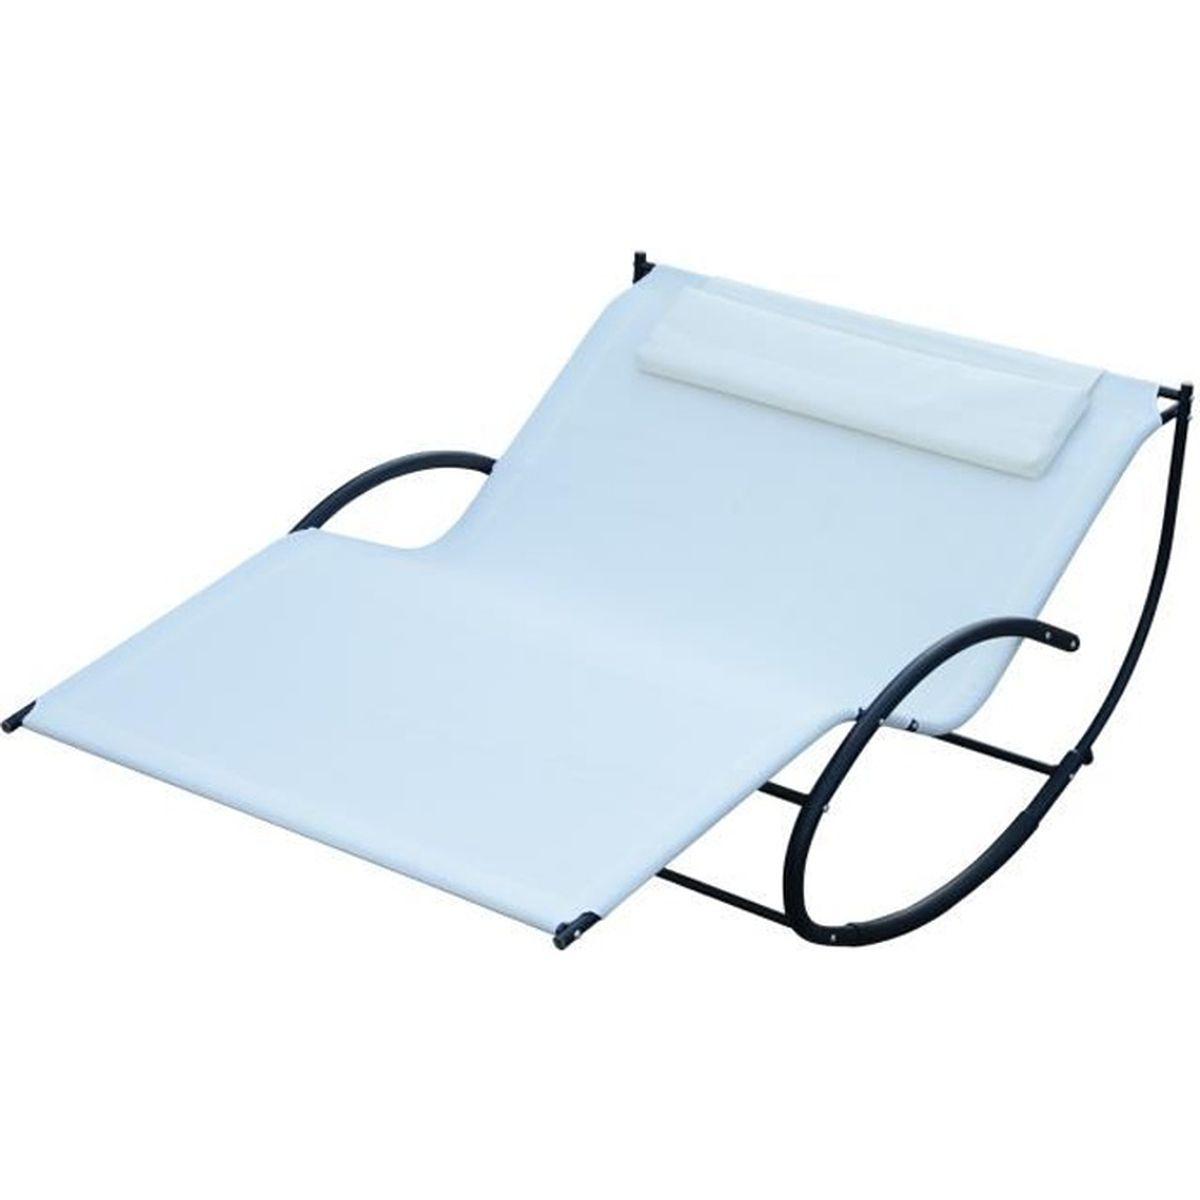 chaise longue design achat vente chaise longue design. Black Bedroom Furniture Sets. Home Design Ideas